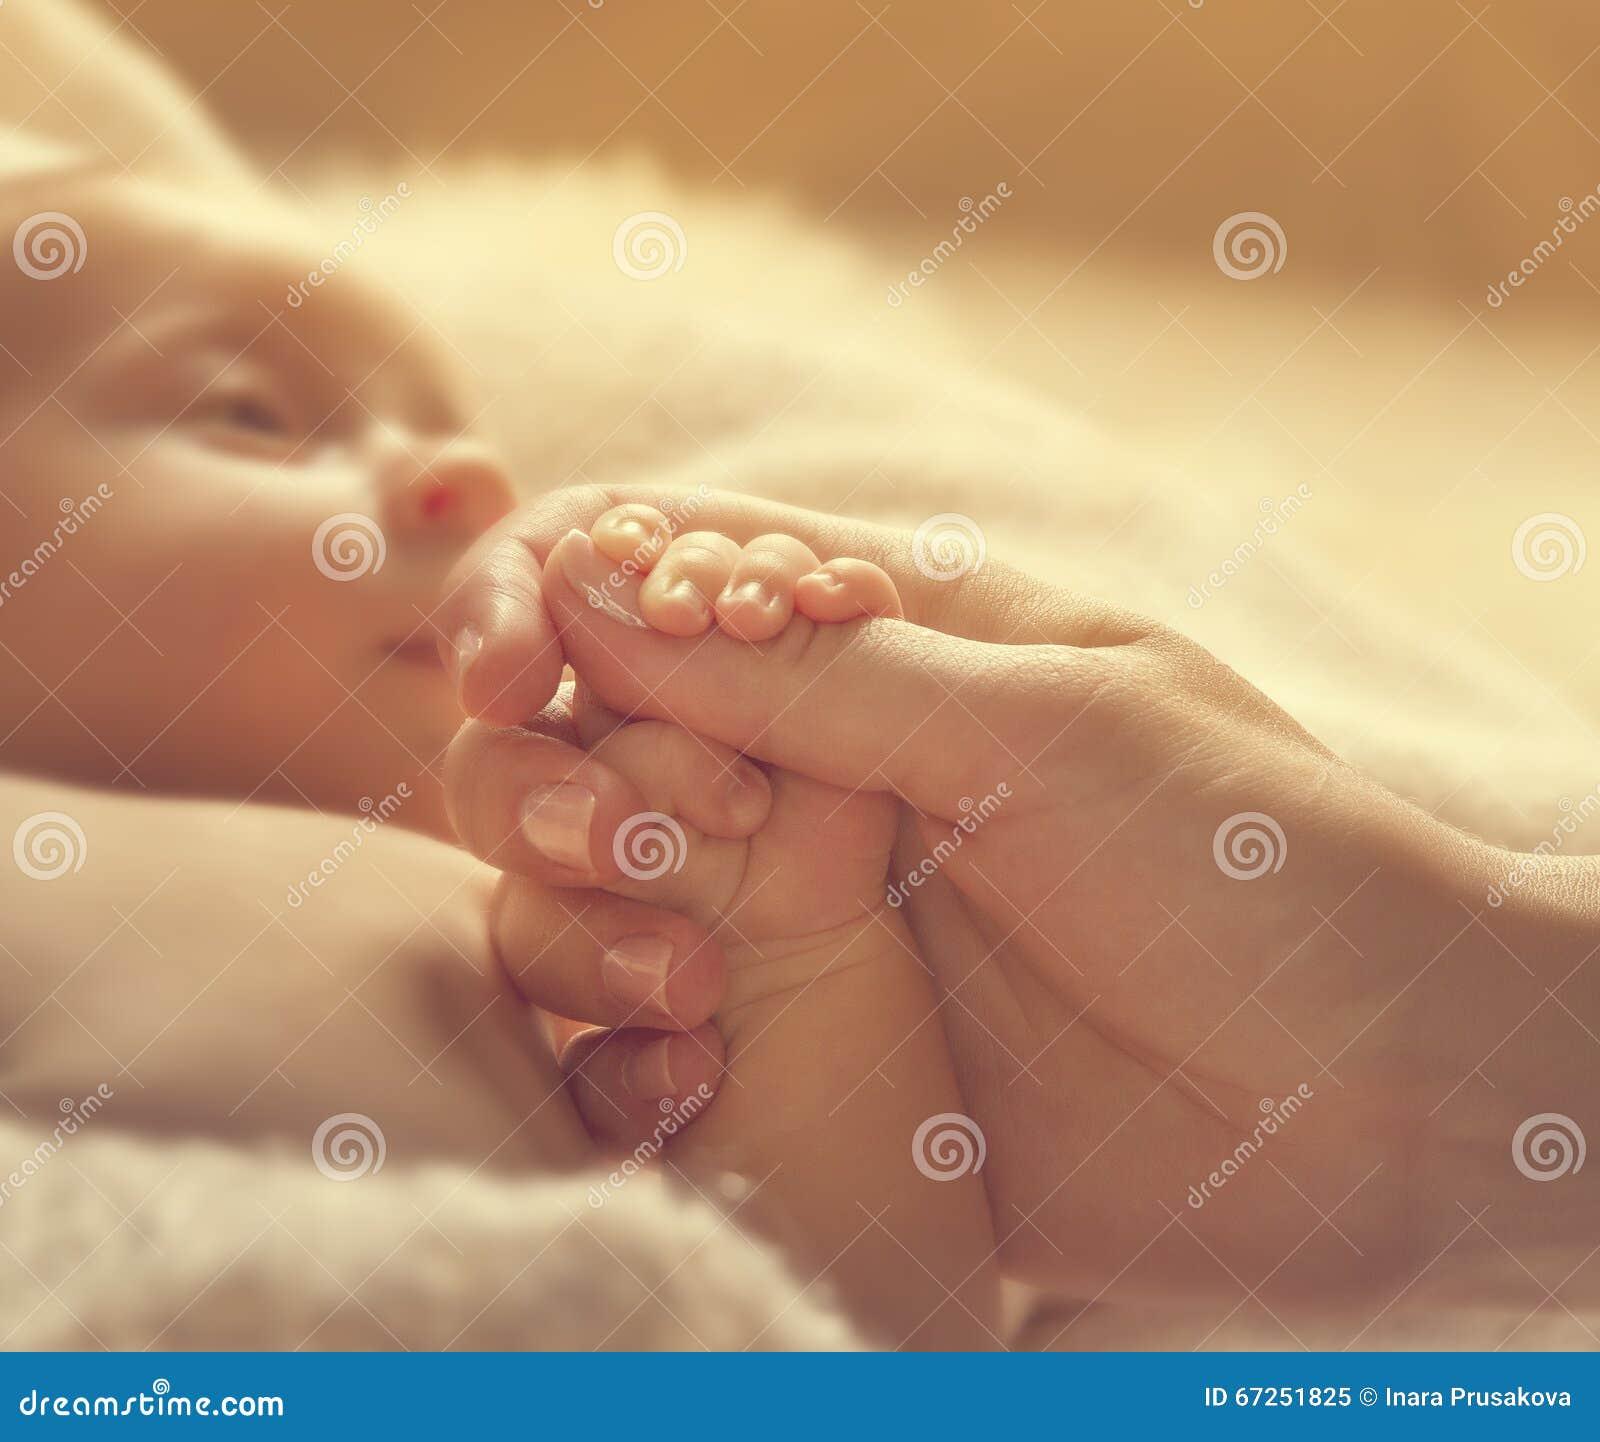 Младенец держа руки матери, больное Newborn здоровье, помощь новорожденного